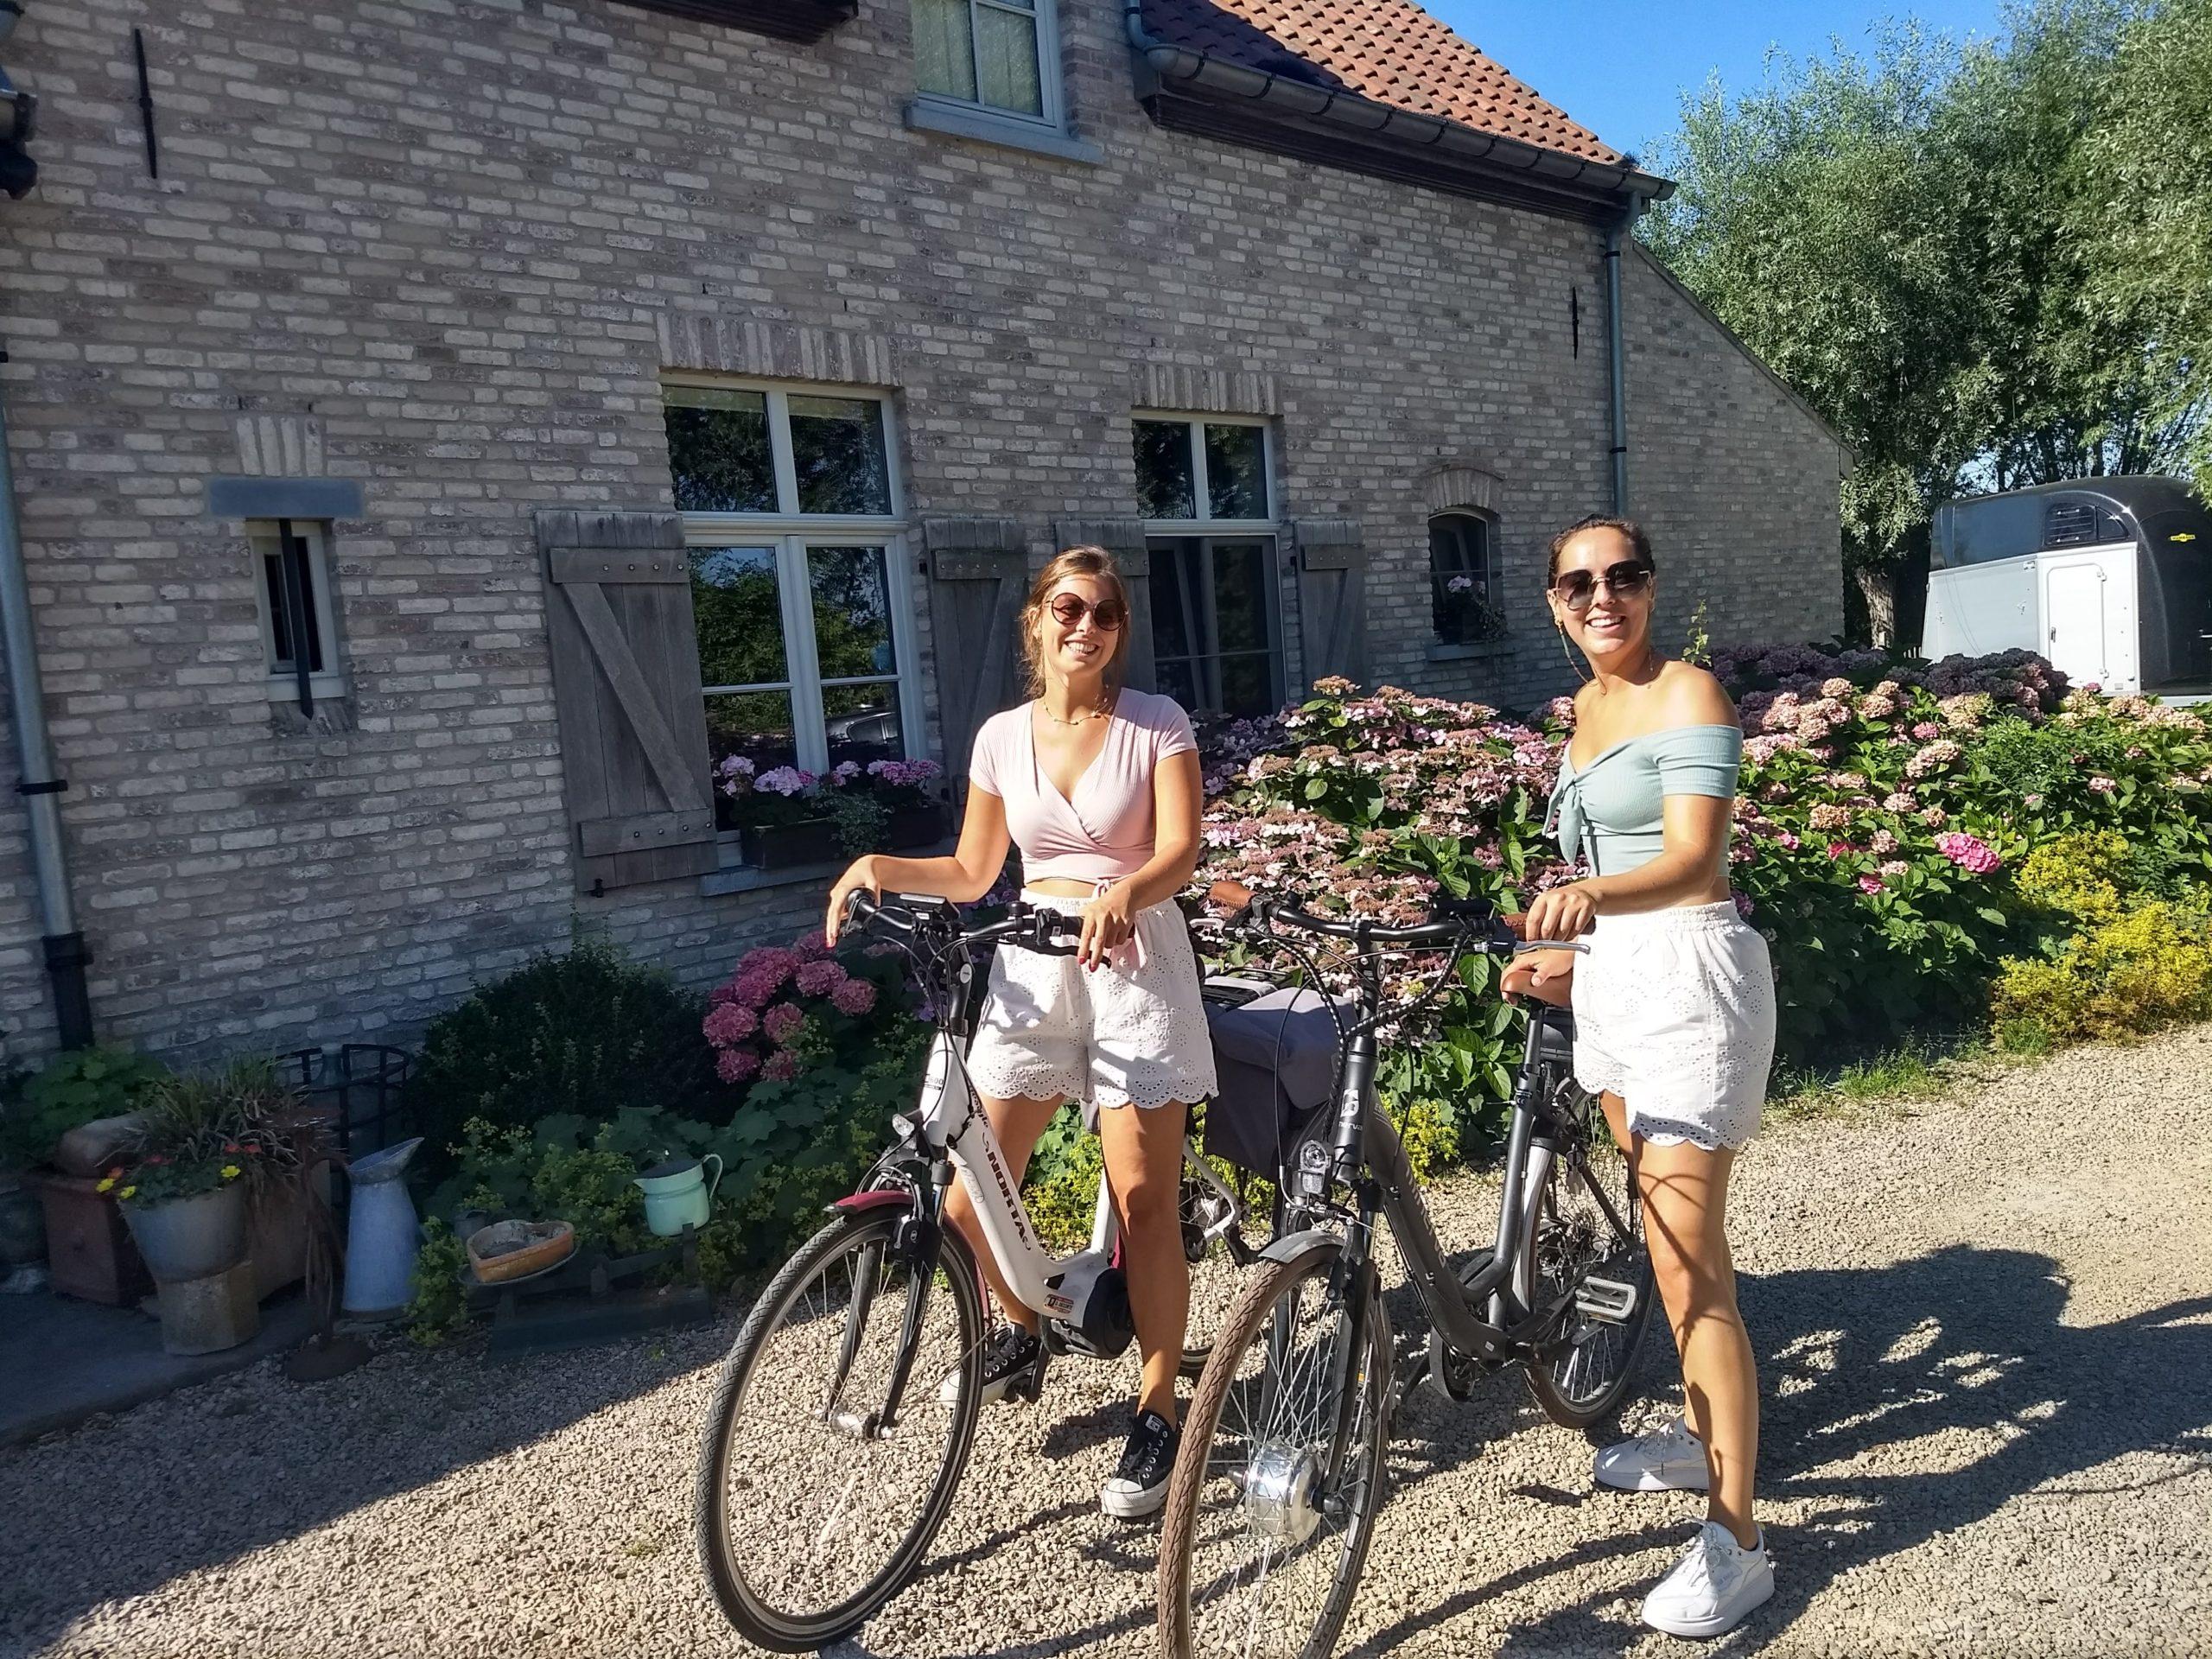 Huur een fiets bij B&B De Vossenbarm